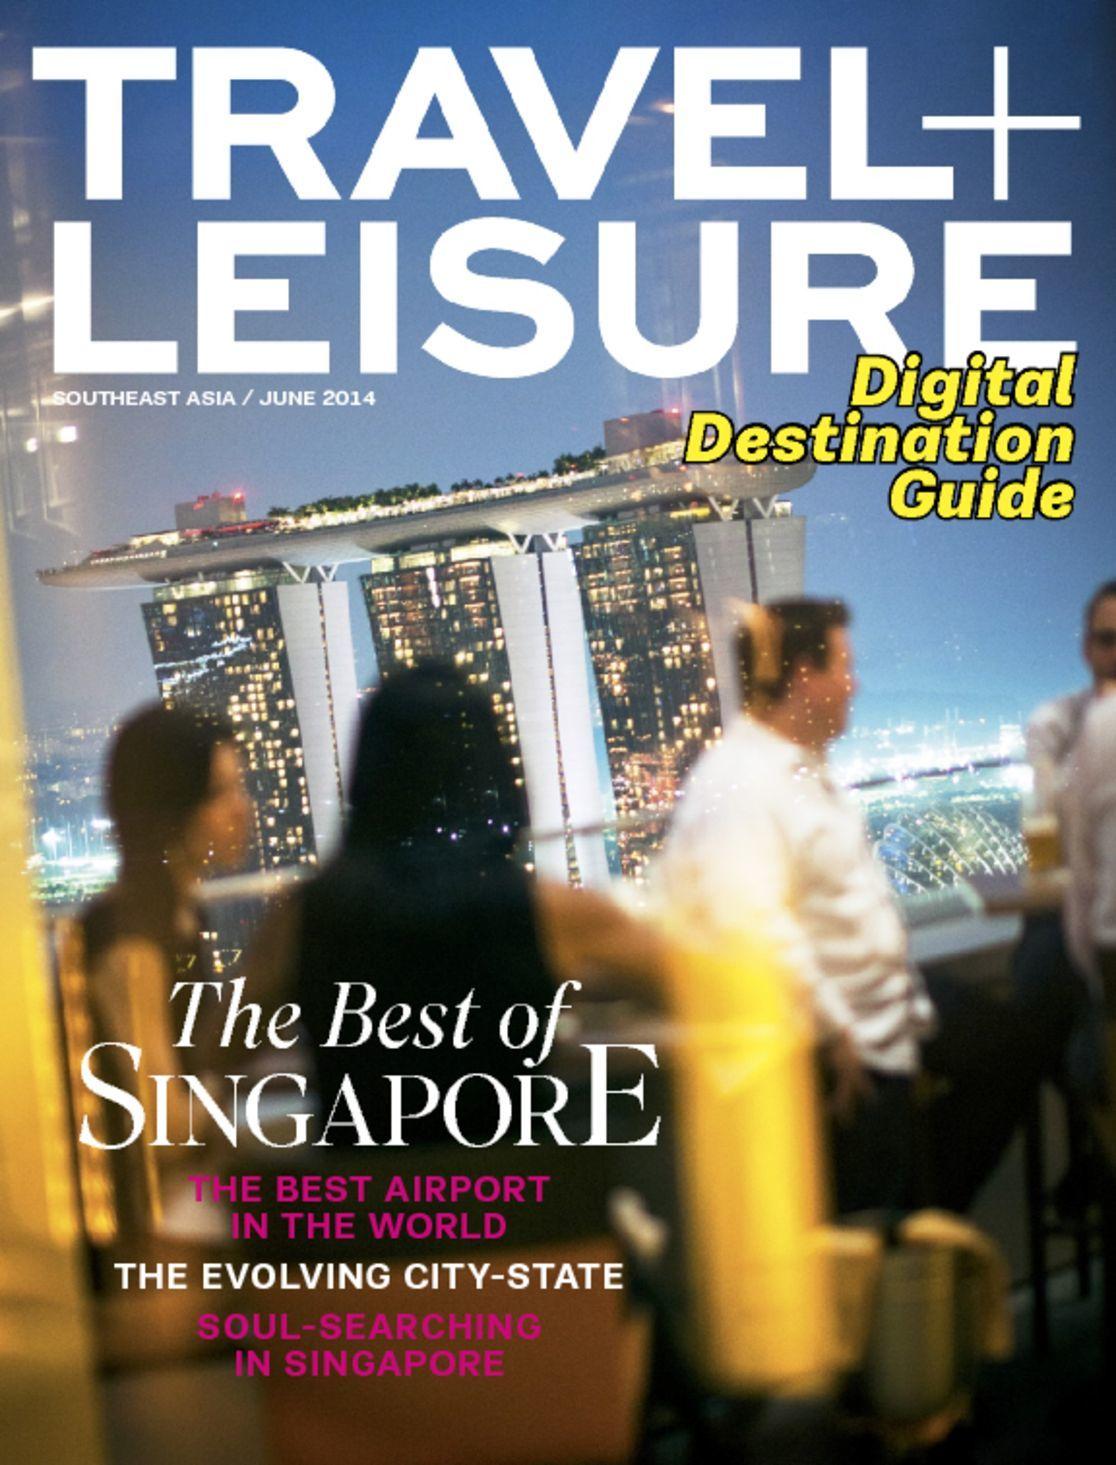 Singapore Guide (Digital)